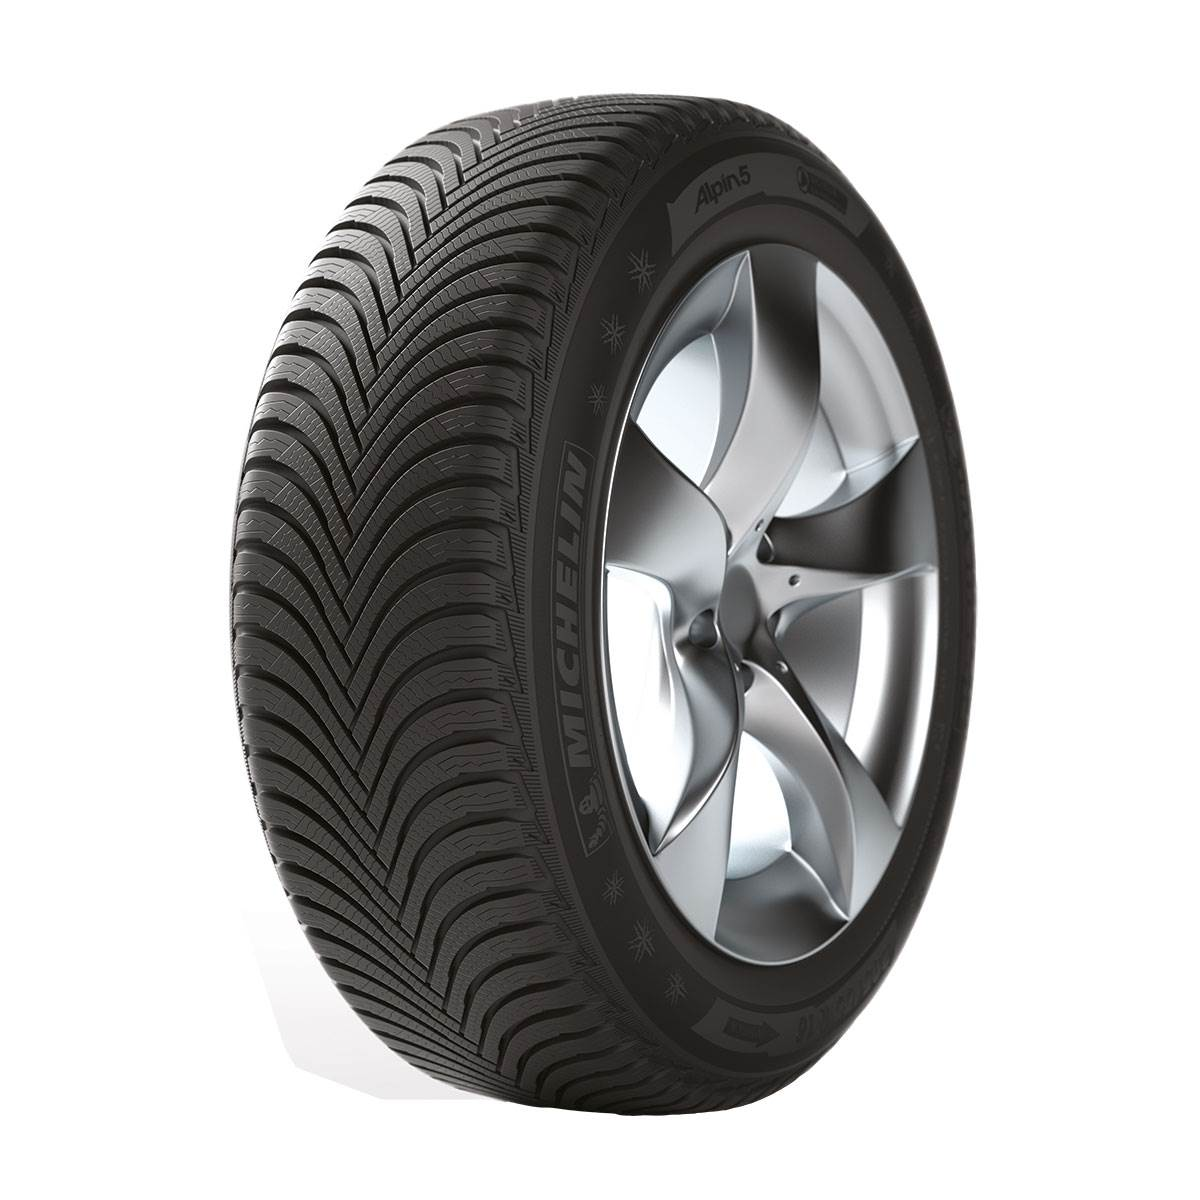 Pneu Hiver Michelin 195/60R16 89H Alpin A5